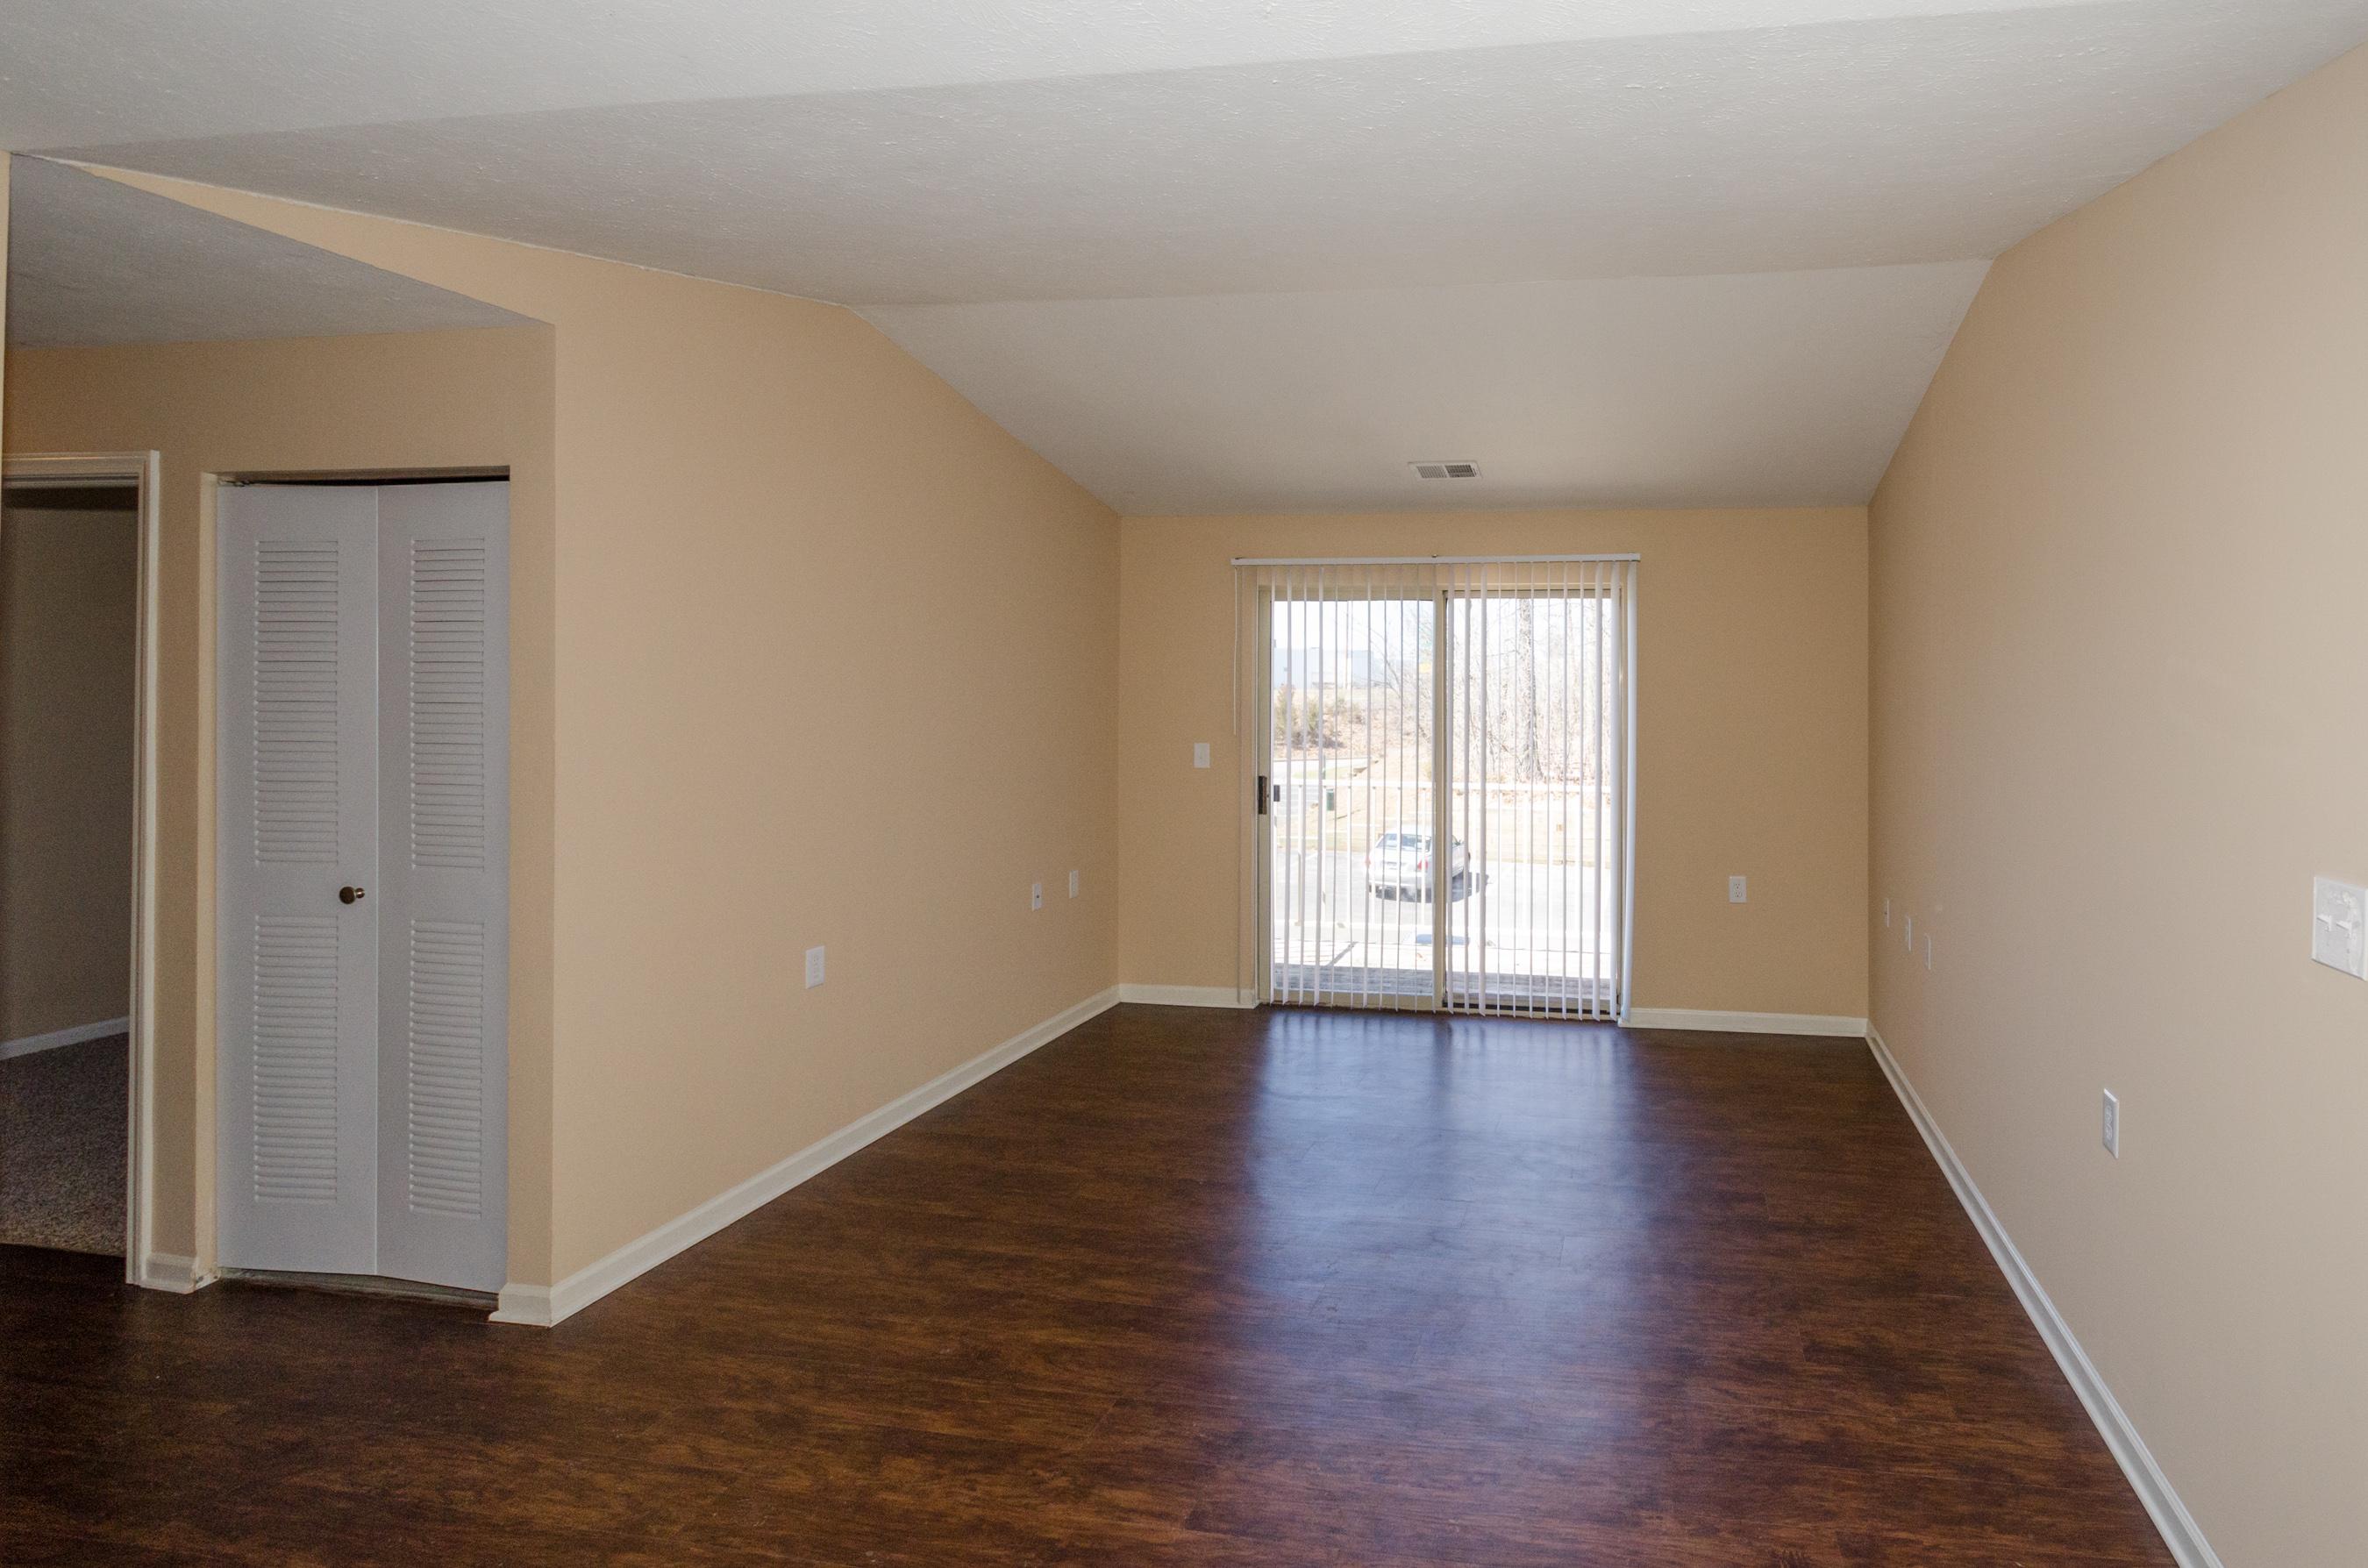 ... Apartments In Bloomington, 1 Bedroom, 2 Bedroom, 3 Bedroom Apartments  In Bloomington,